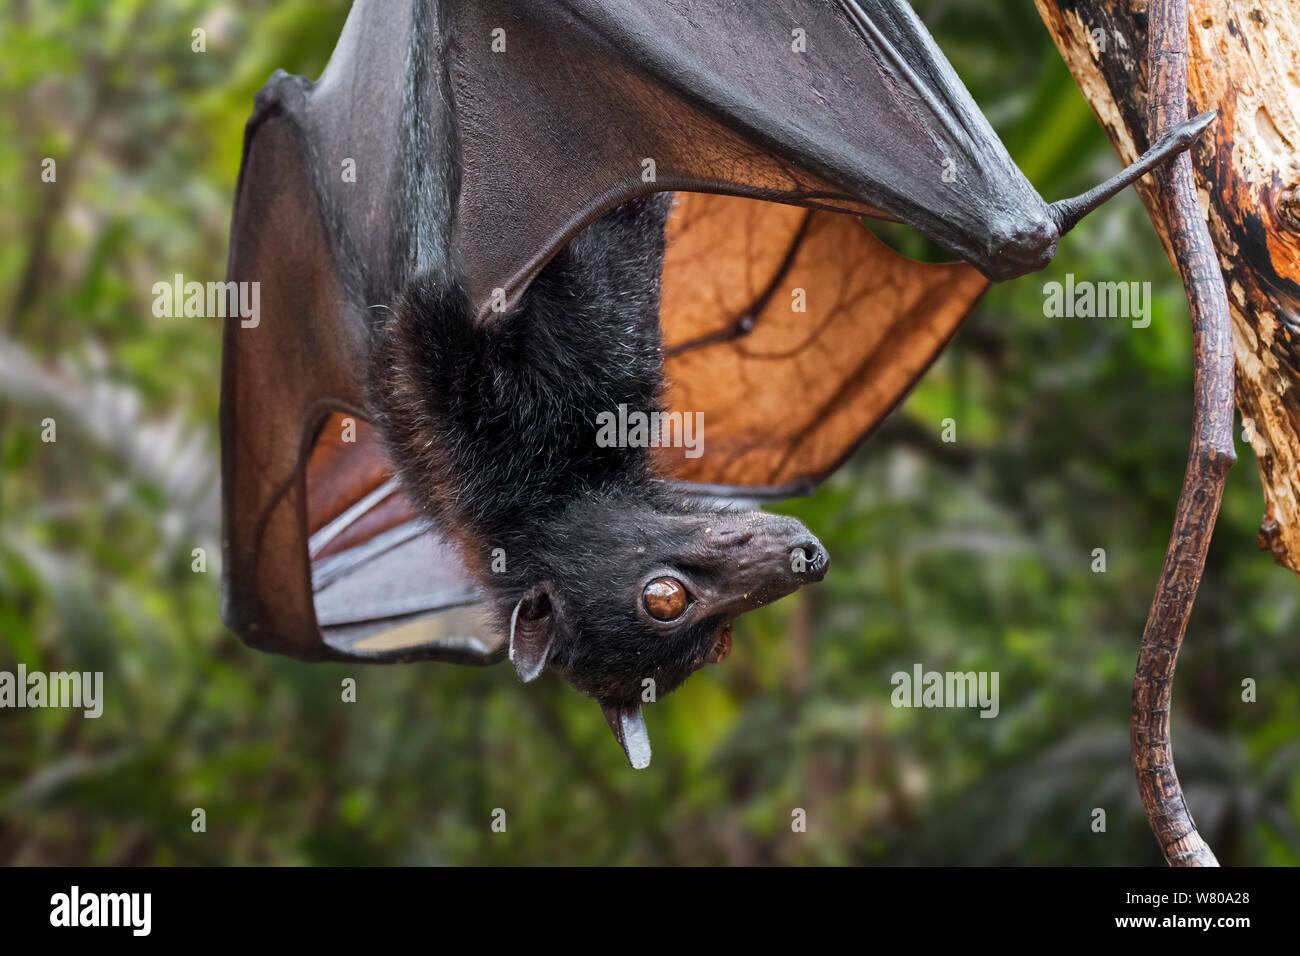 Lyle's flying fox (Pteropus lylei) nativo de Camboya, Tailandia y Vietnam colgado boca abajo y mostrando las venas del ala Foto de stock